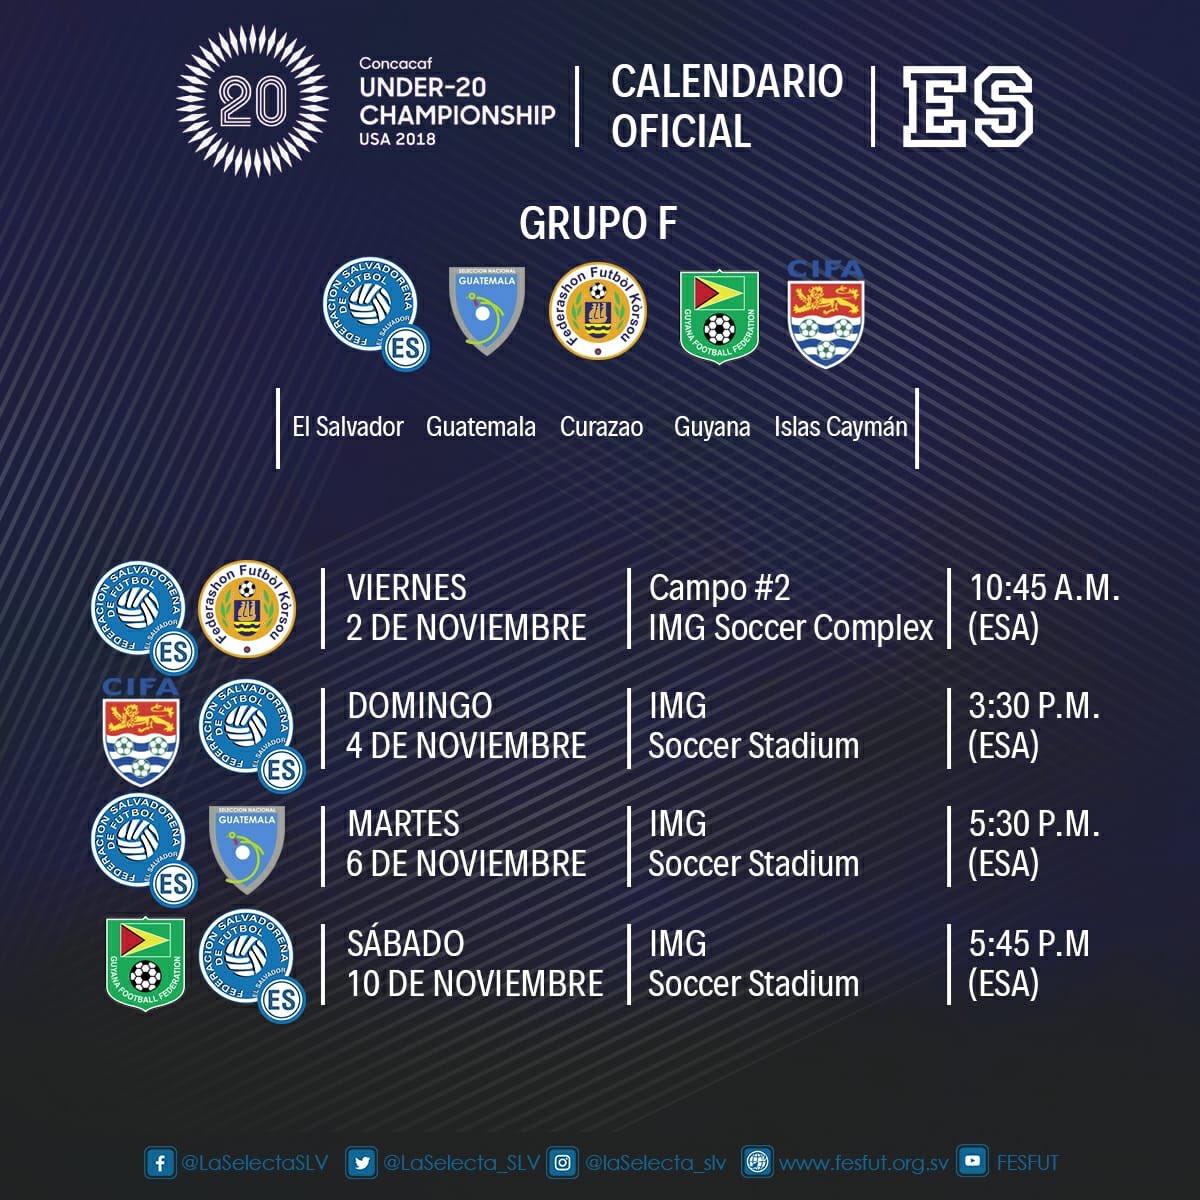 Campeonato Sub-20 de Concacaf 2018. [Copa Mundo Polonia 2019] DnTTW6wUYAAXbi5